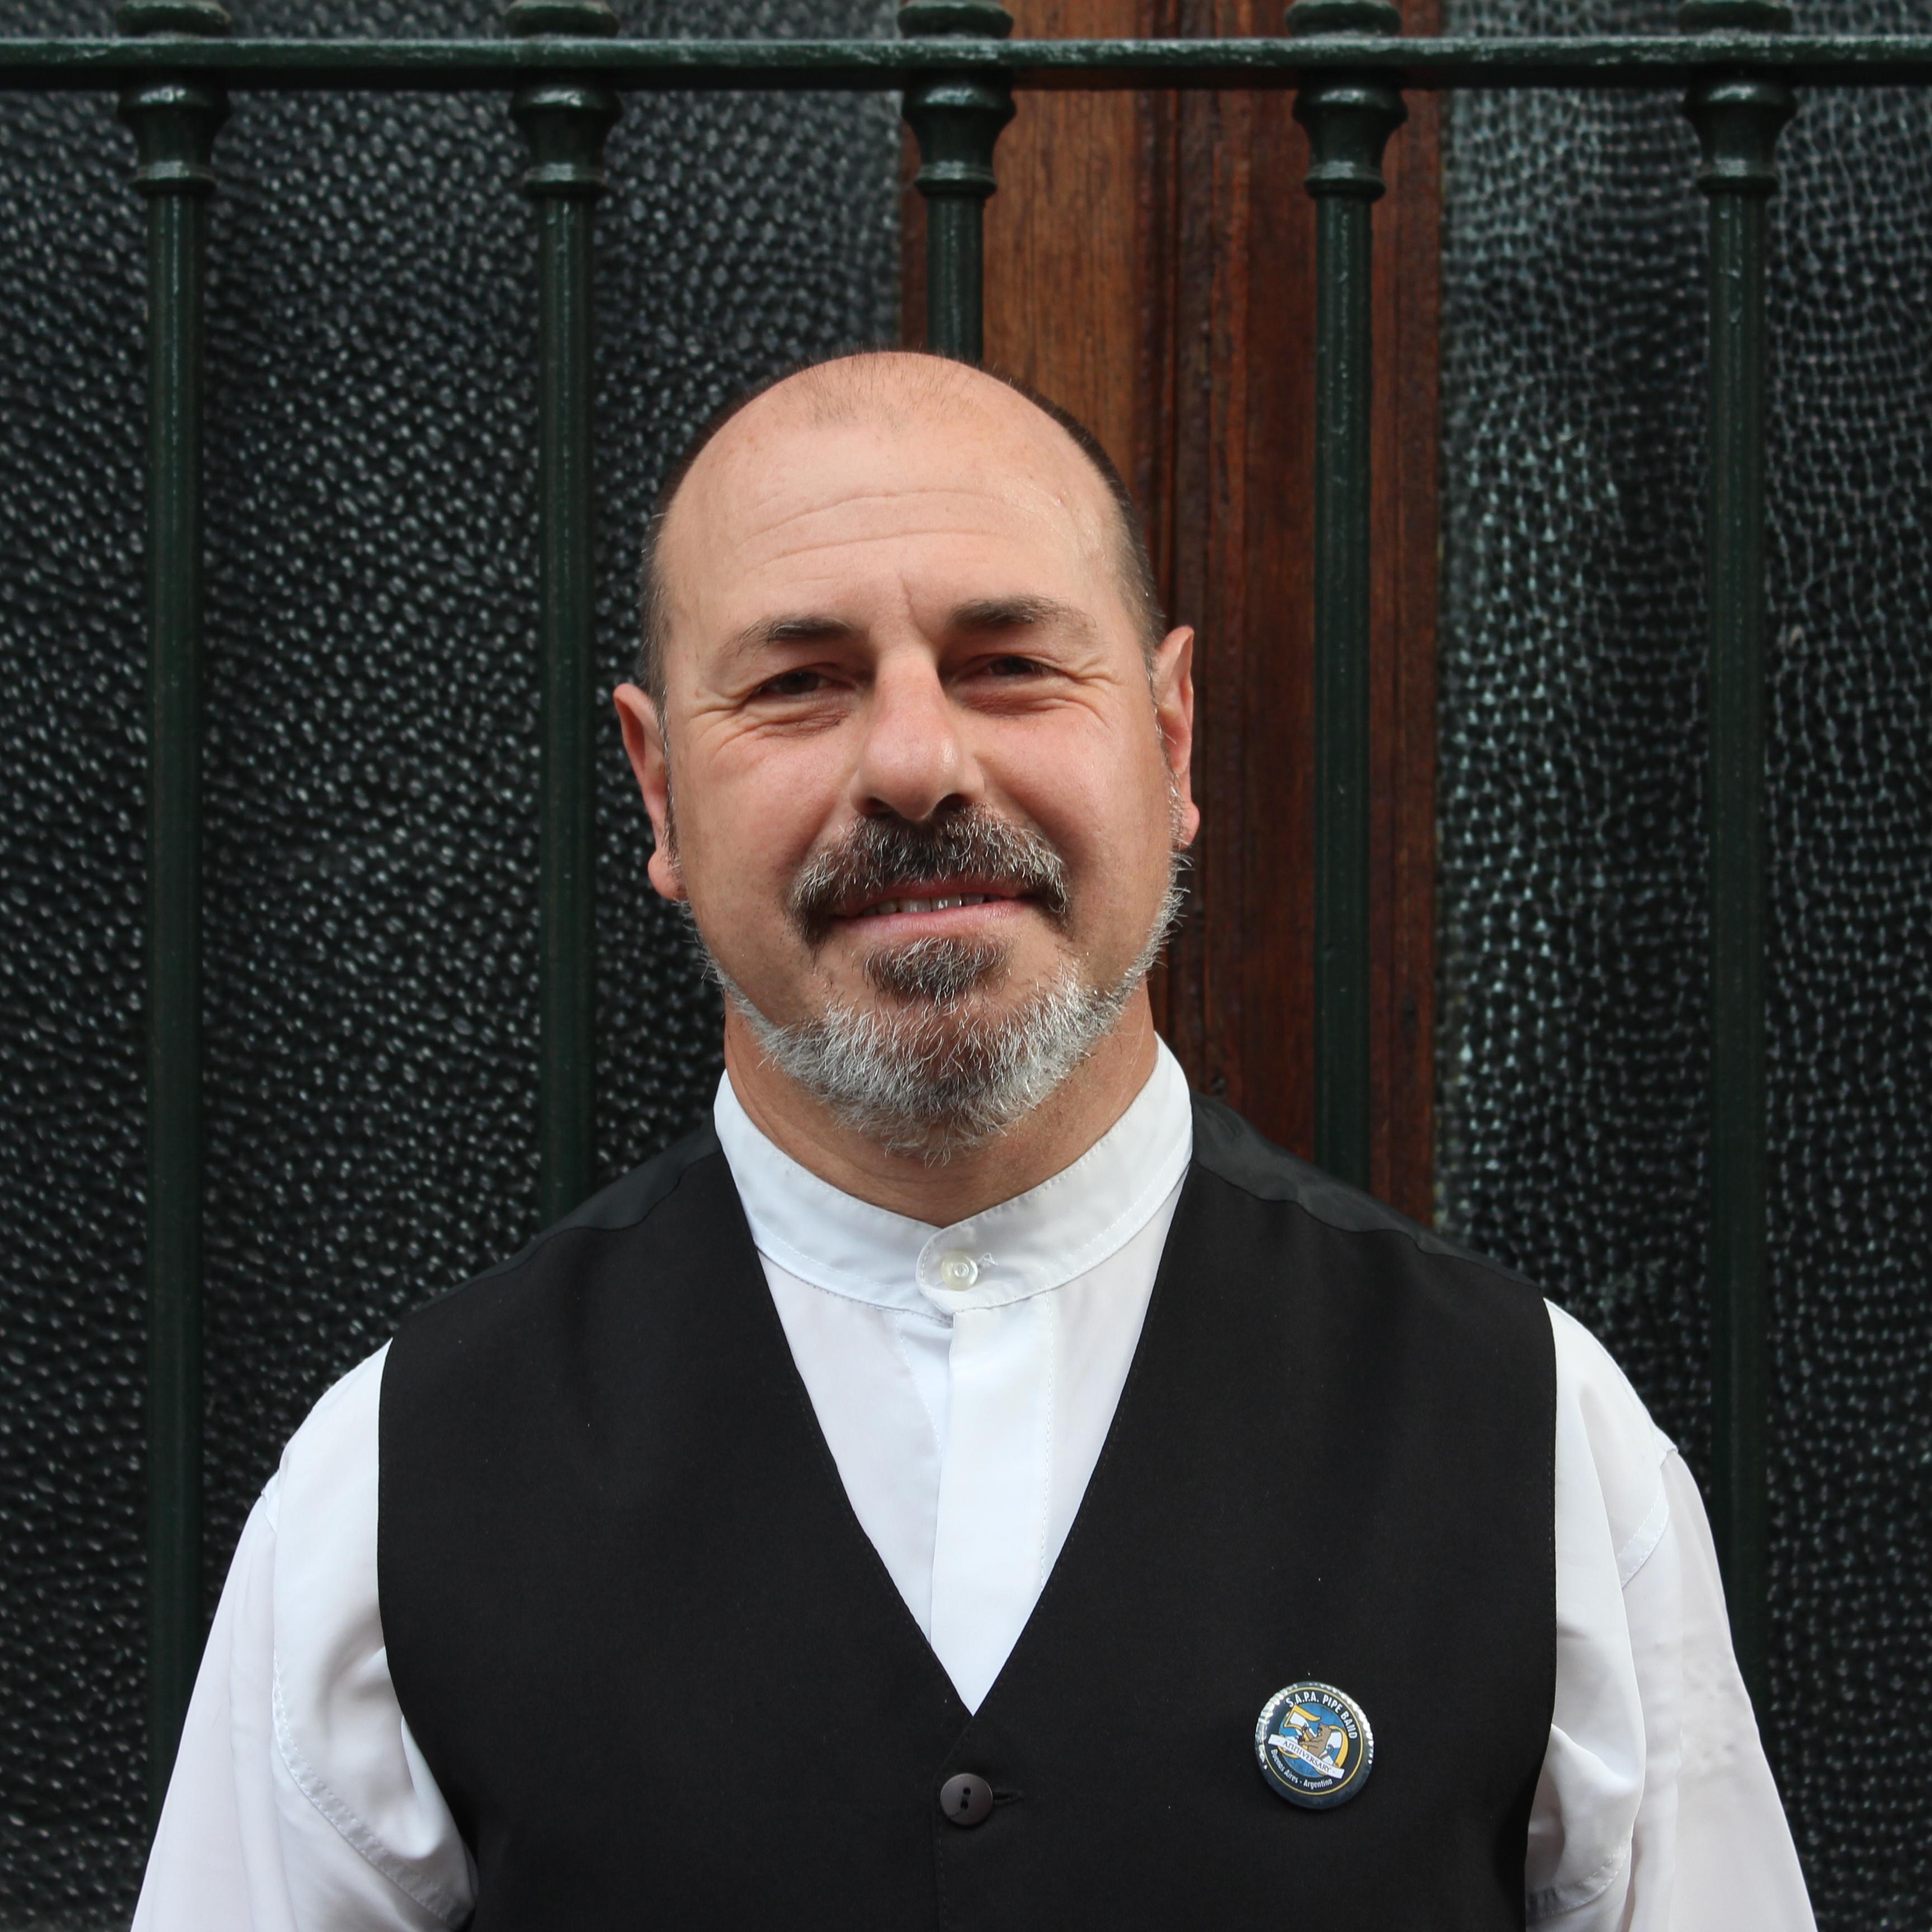 Fernando Rassori Costa